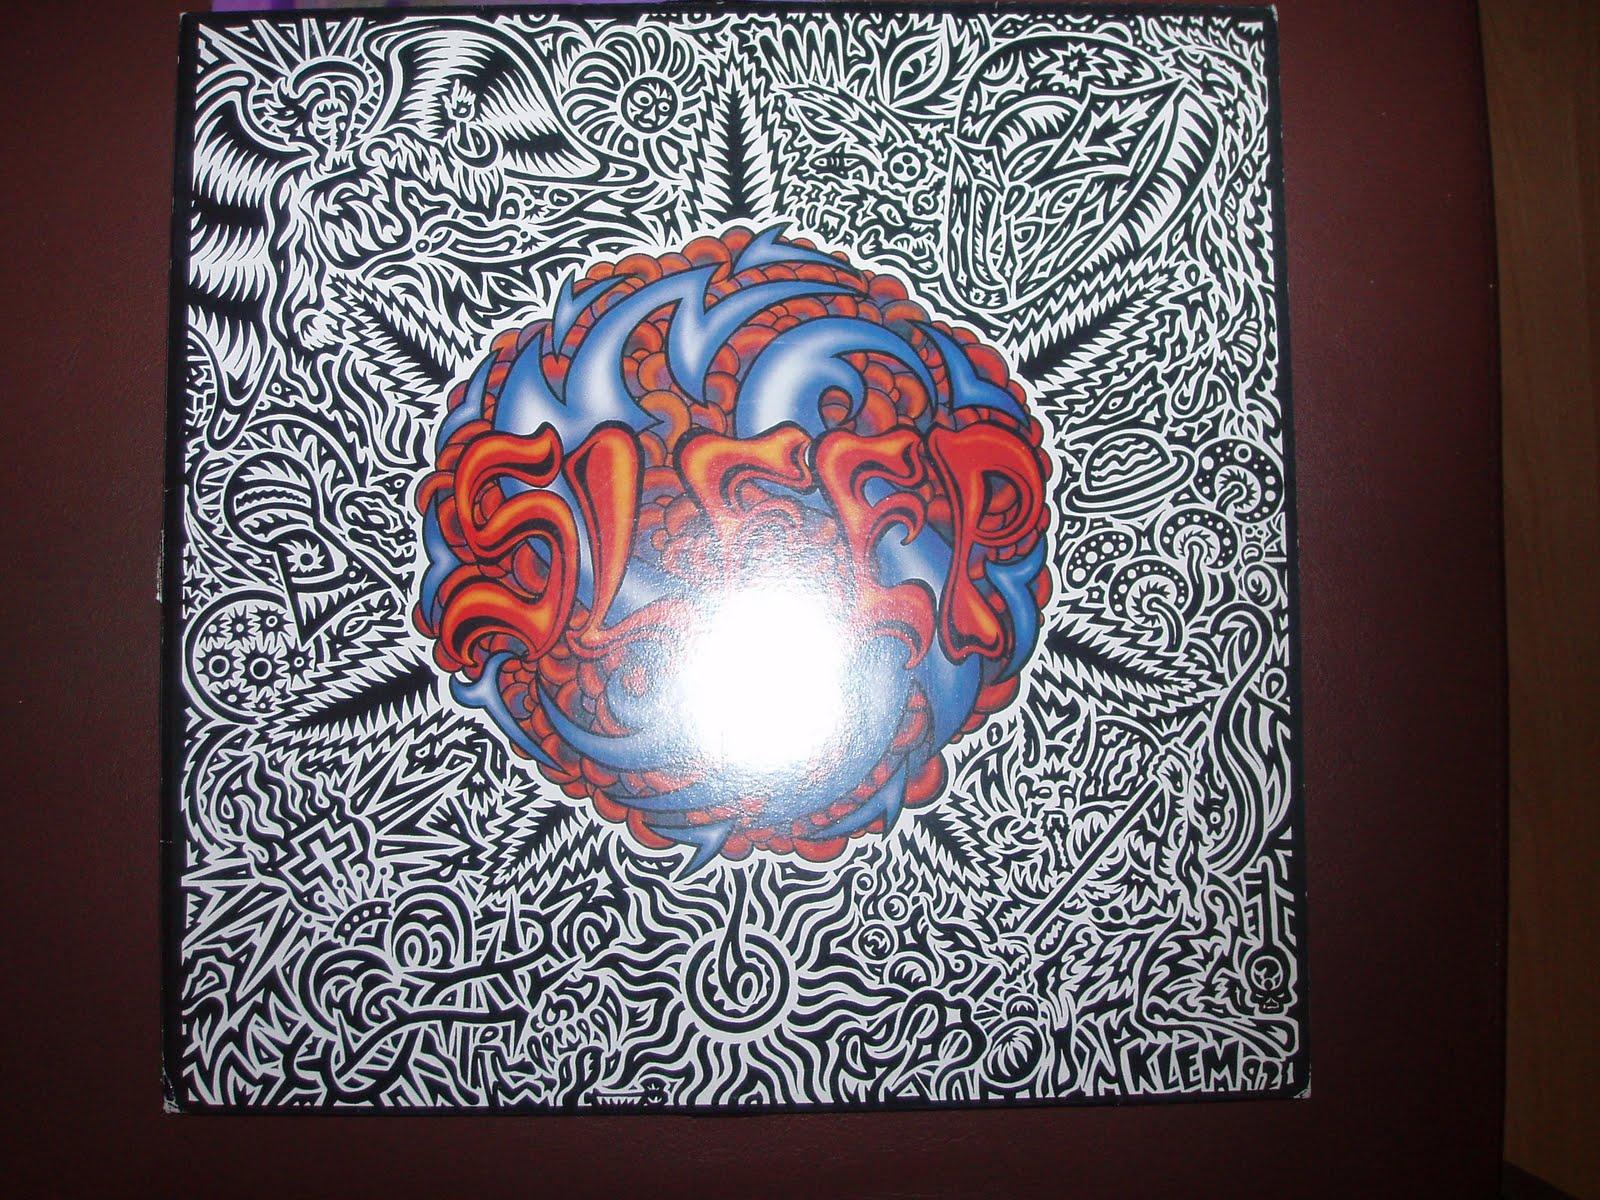 COUCH SLOUCH!!!!: Sleep-Sleep's holy mountain LP